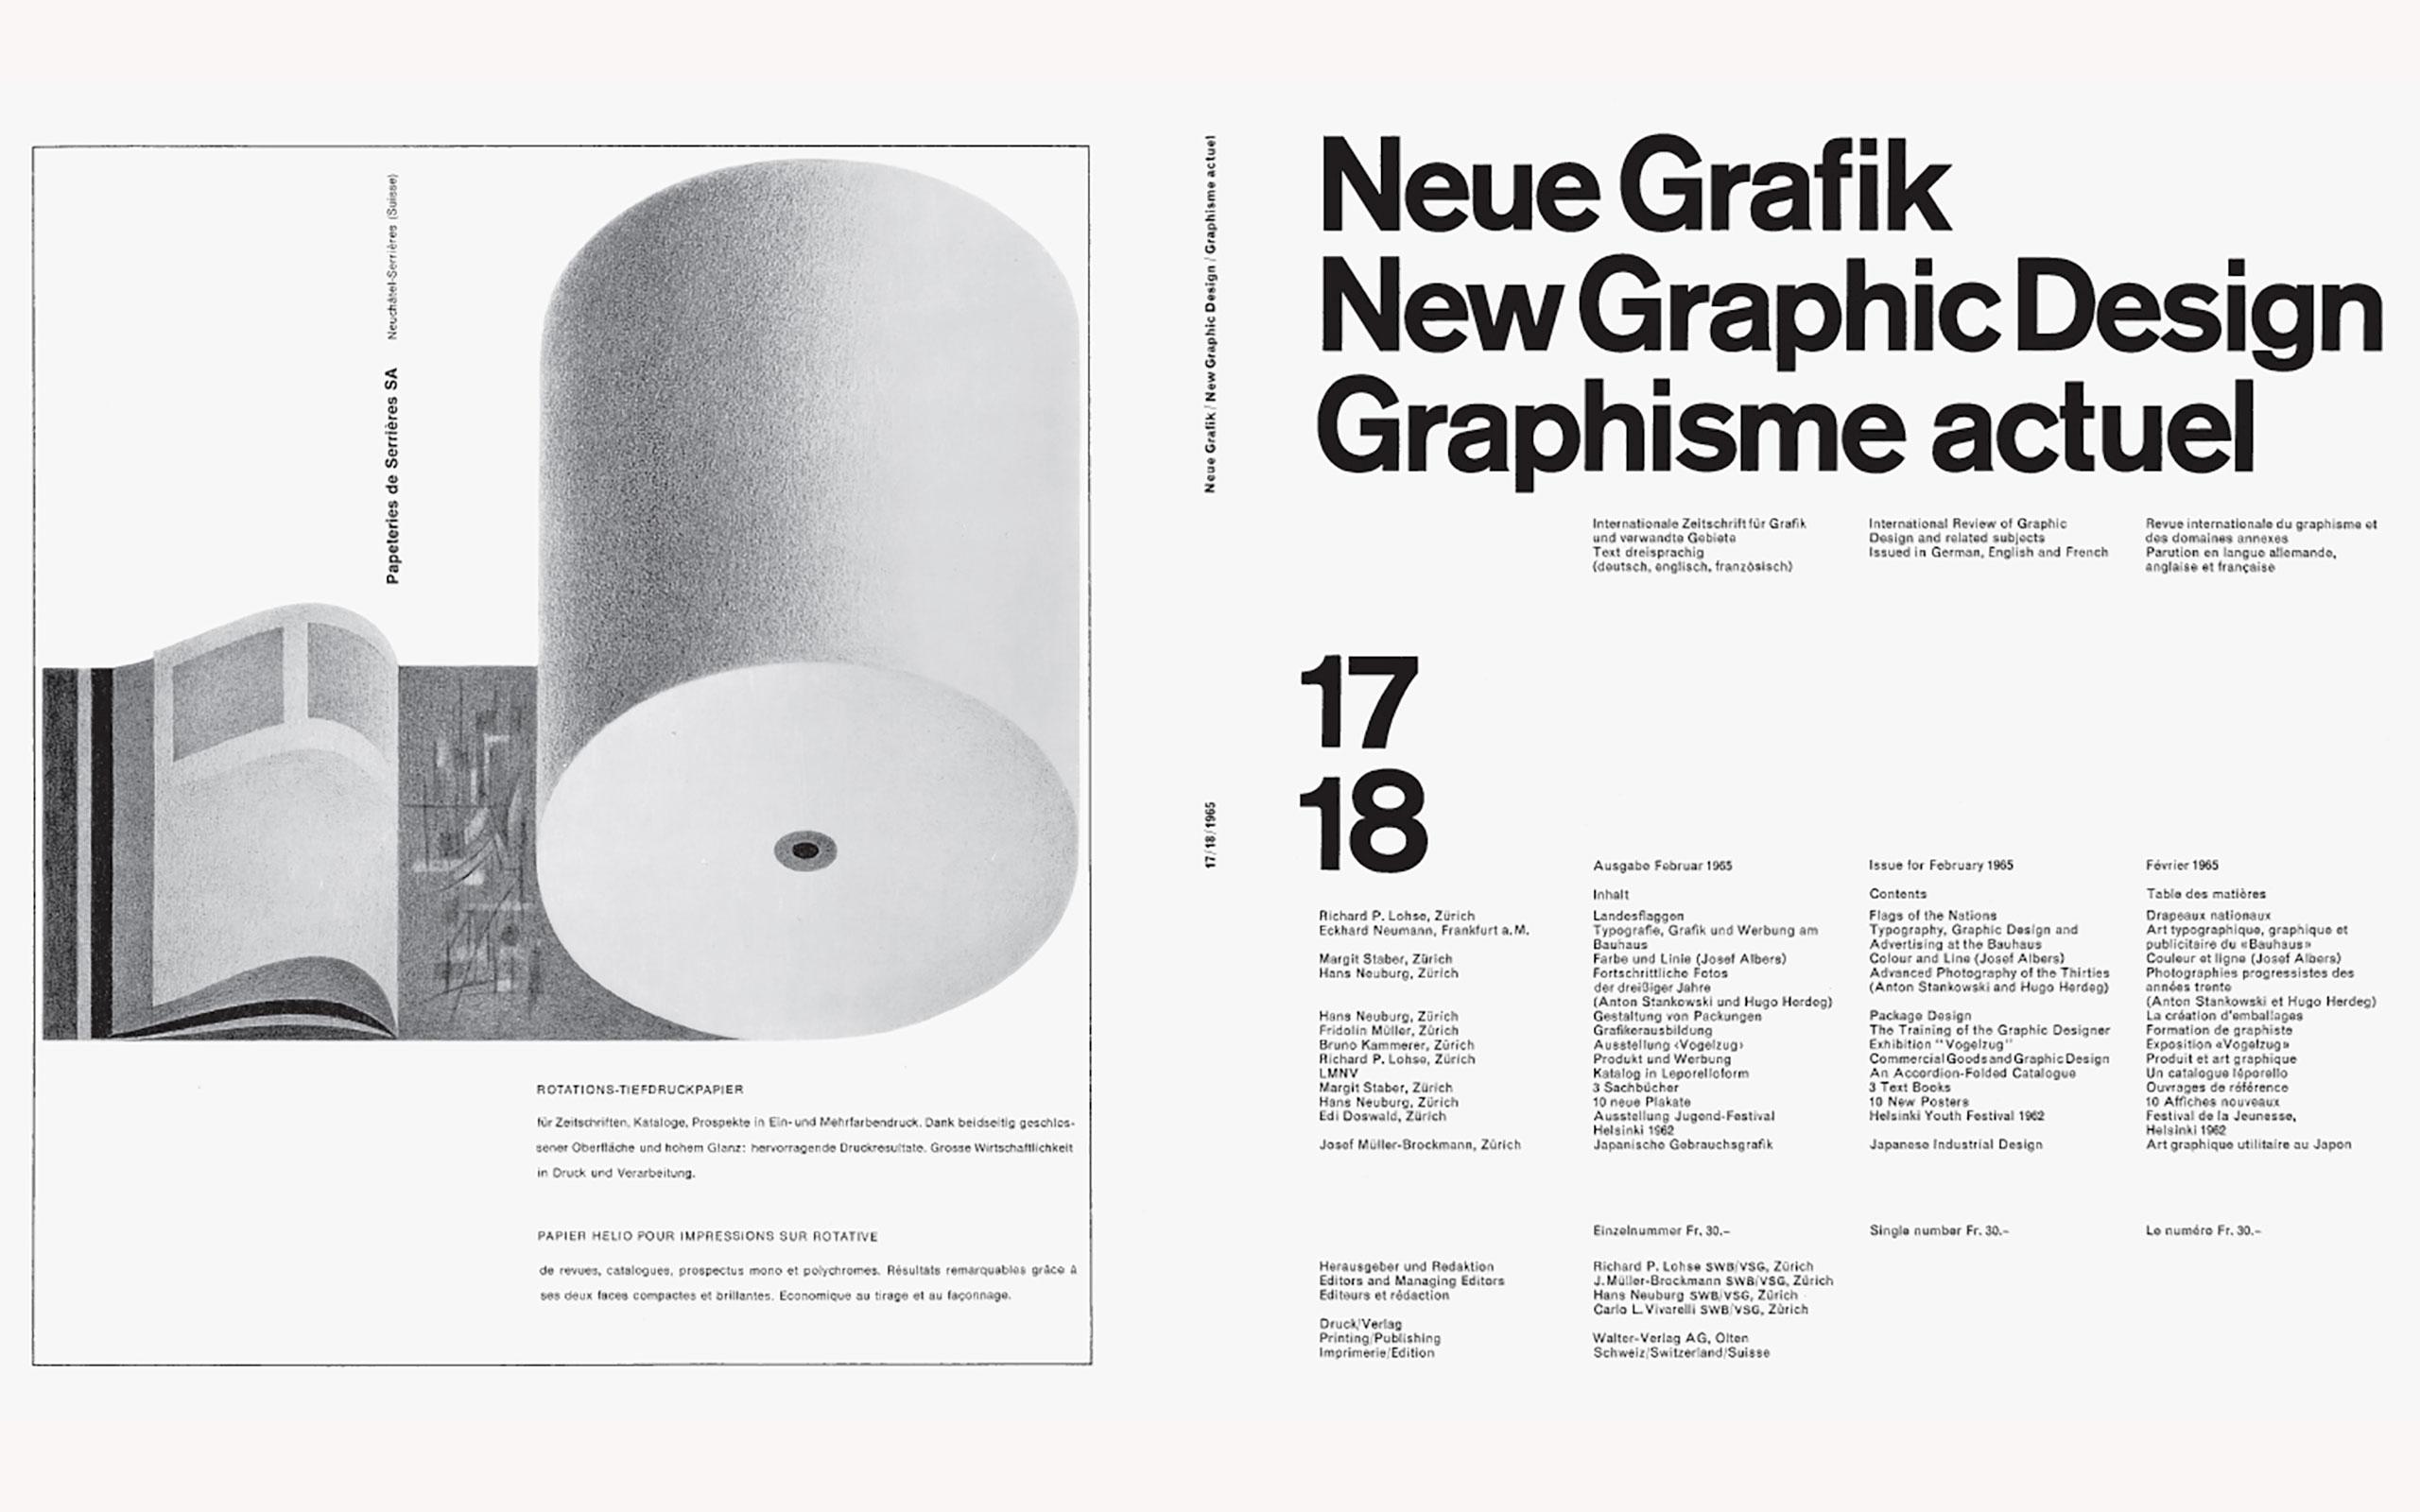 Think About: Neue Grafik